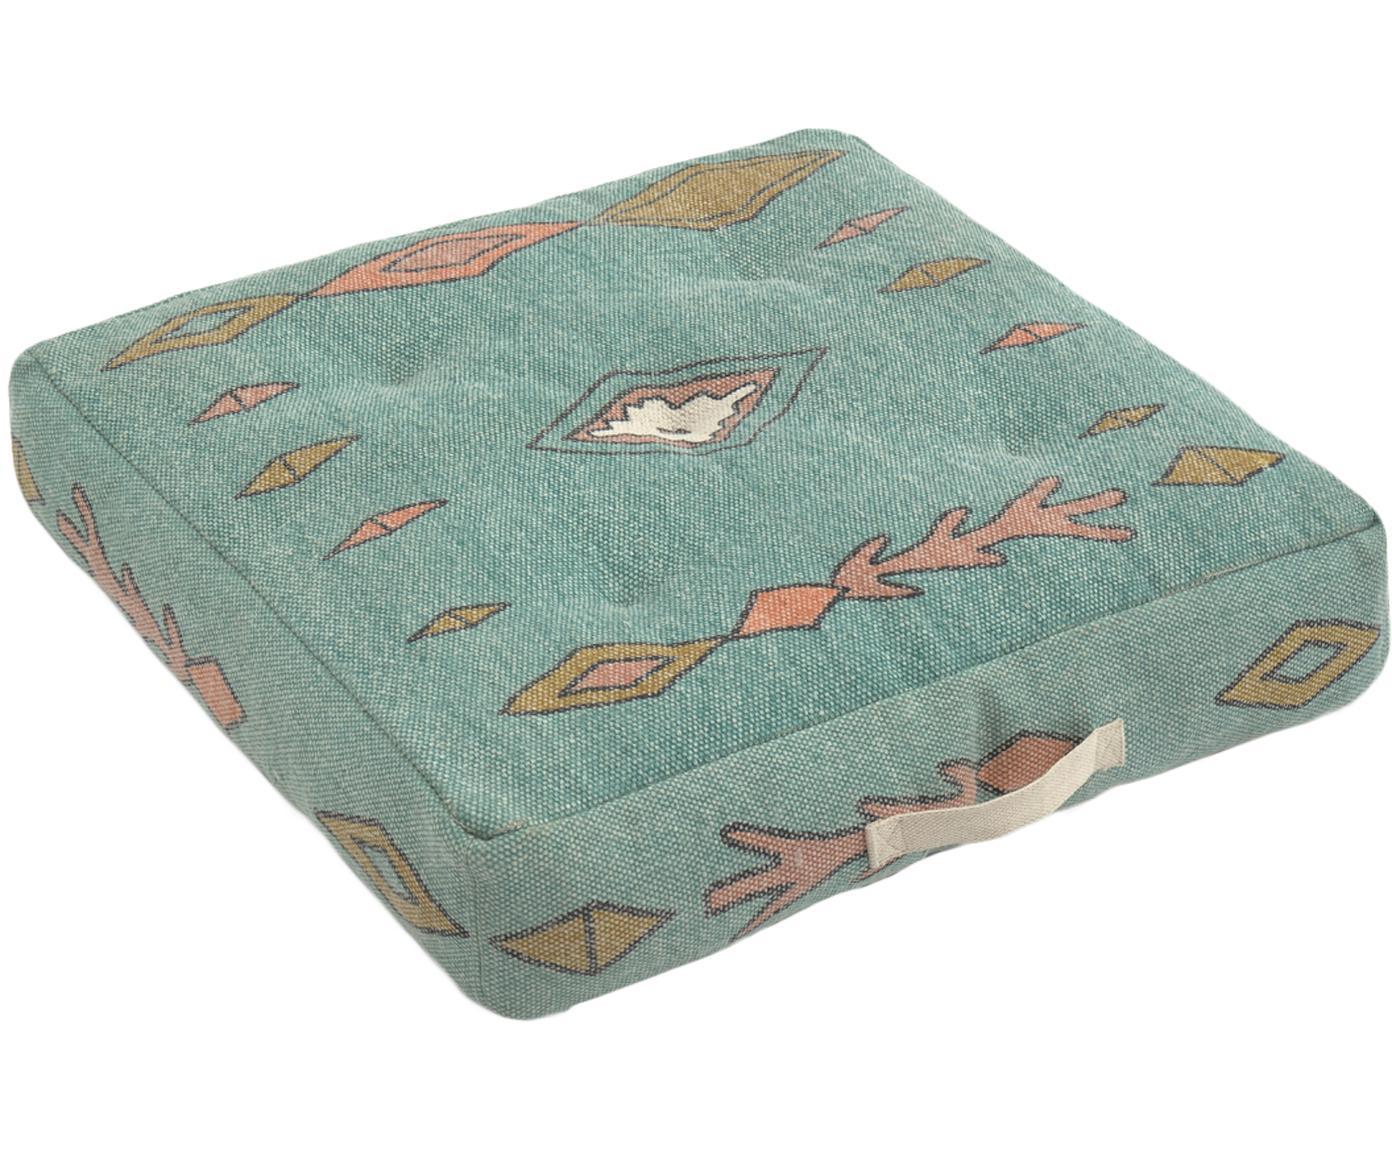 Poduszka podłogowa Danza, Niebieski, musztardowy, blady różowy, S 60 x D 60 cm